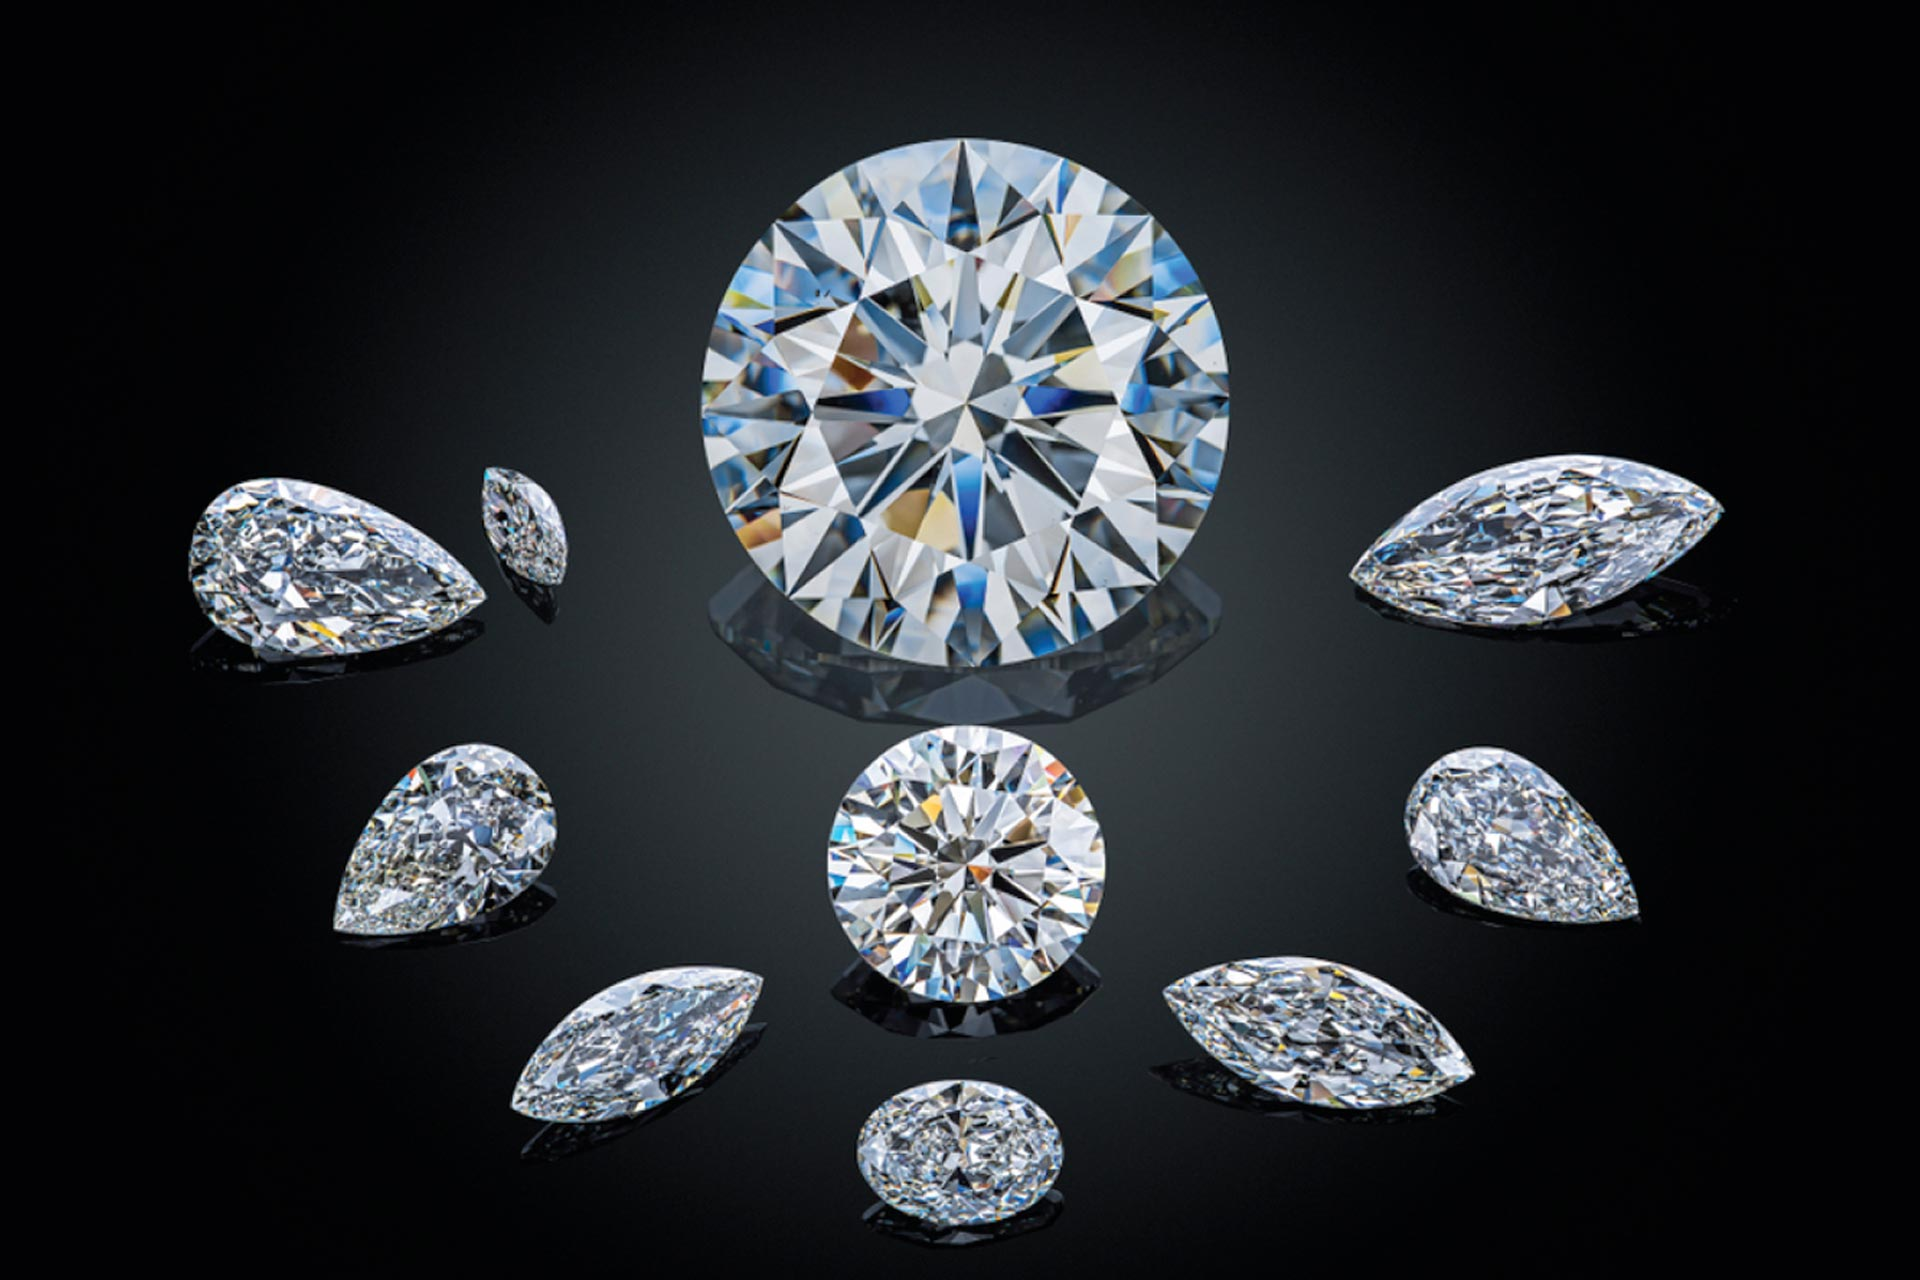 come-scegliere-diamante-caratteristiche-acquisto-perfetto